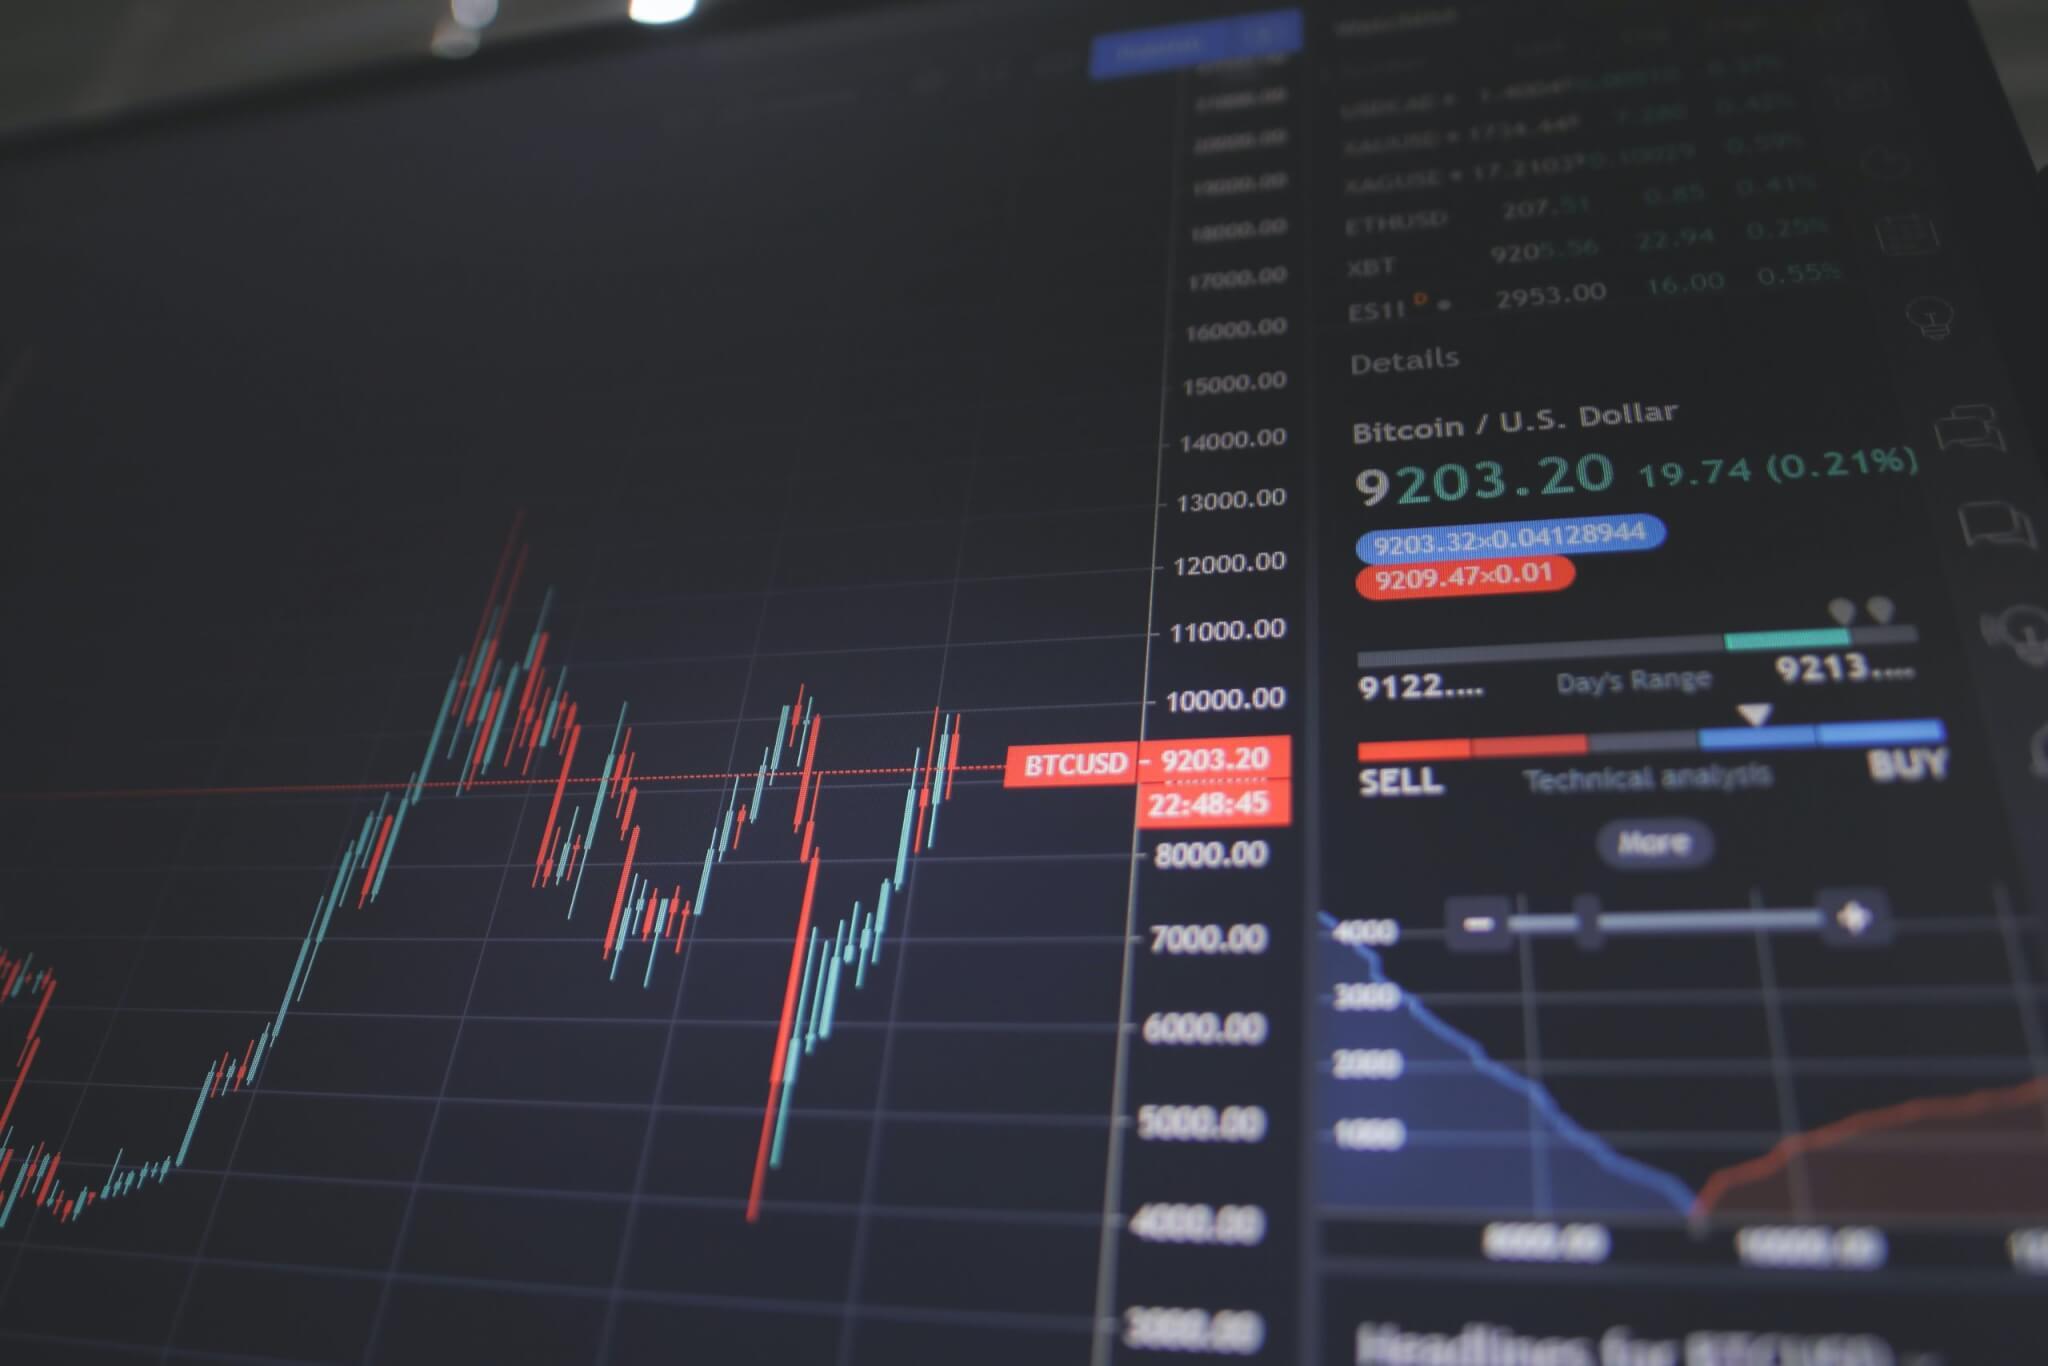 beste stablecoin trade grafiek